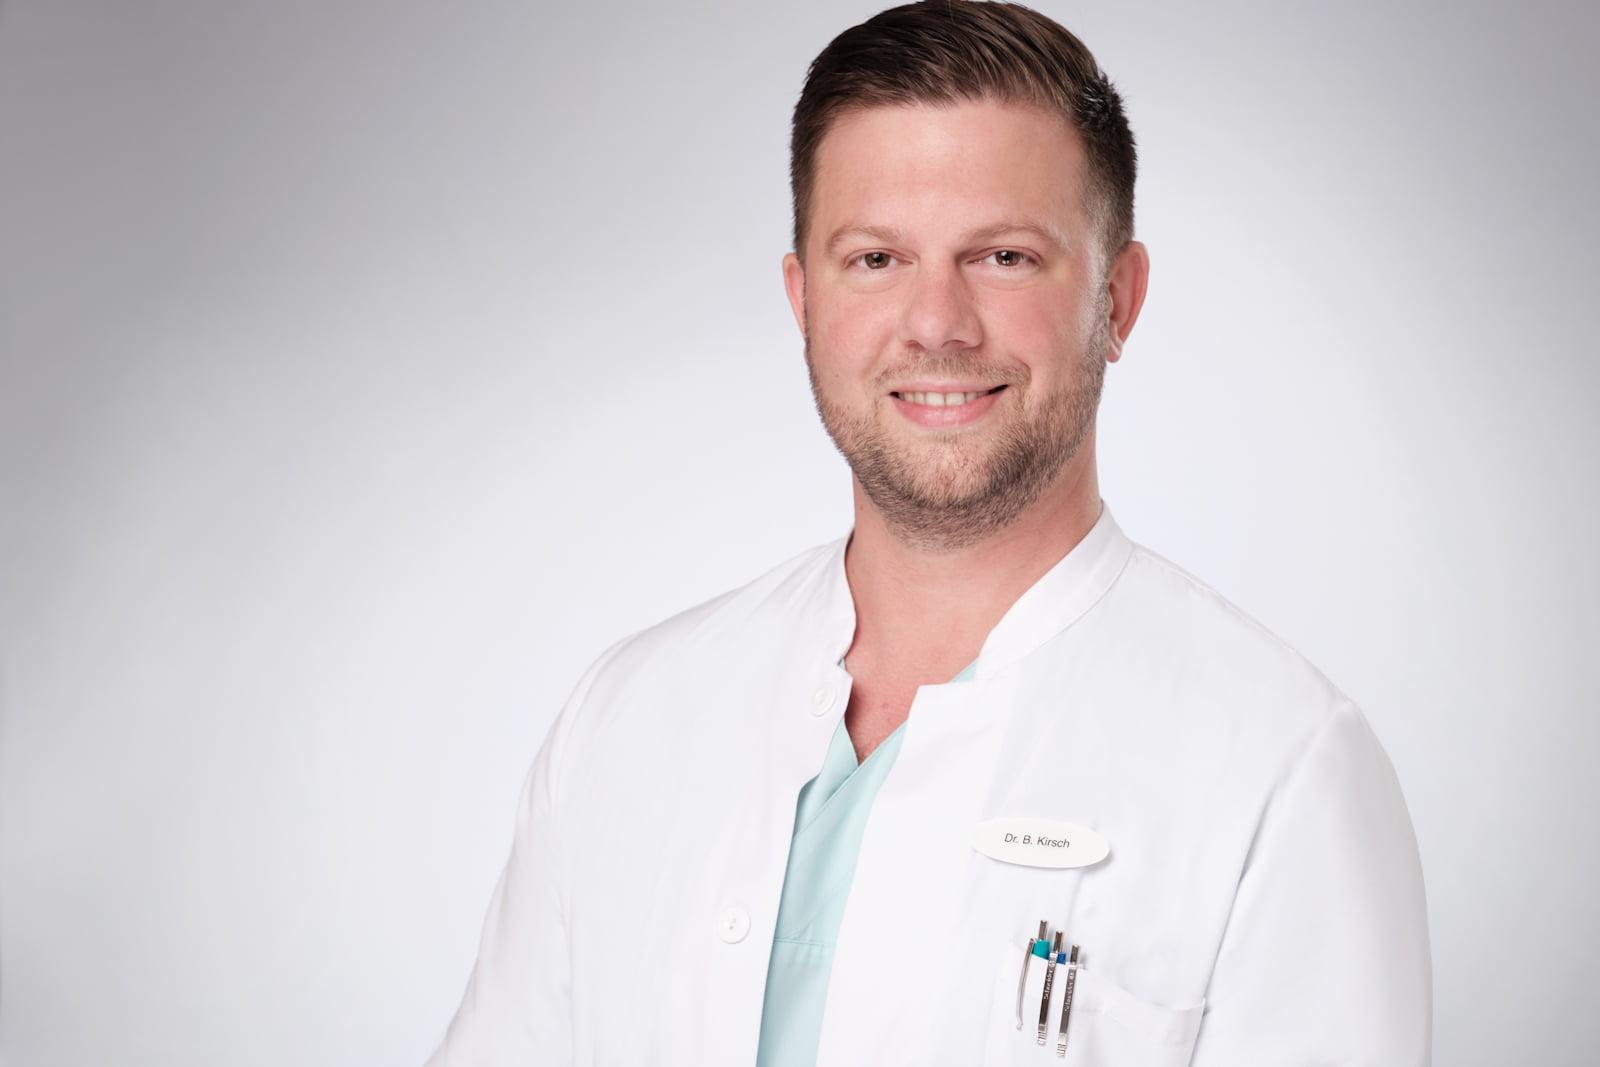 Dr. Bastian Kirsch